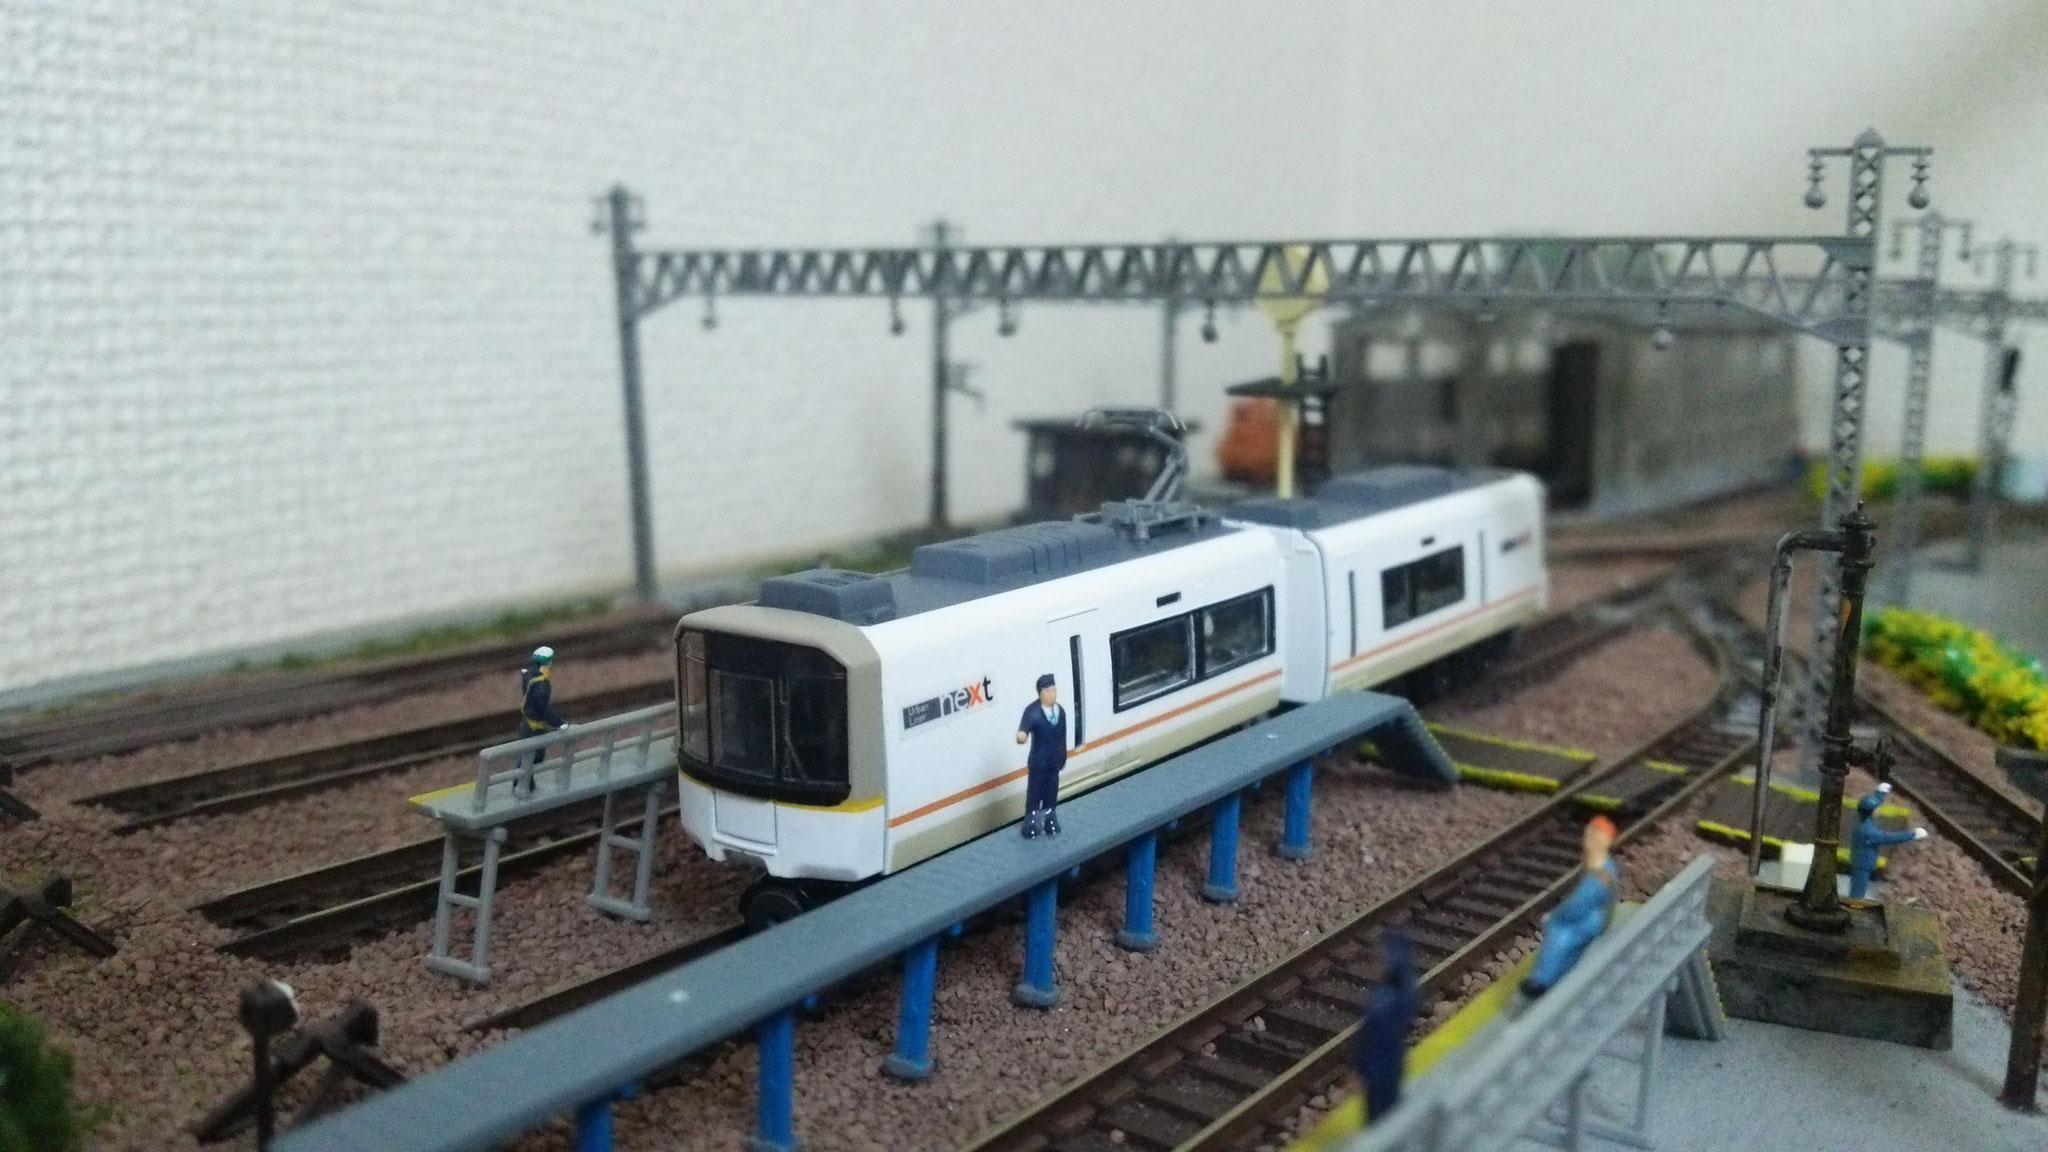 マコセミーエクスプレス(着席型準急専用電車。主要駅以外からも必ず座れる創作電車)